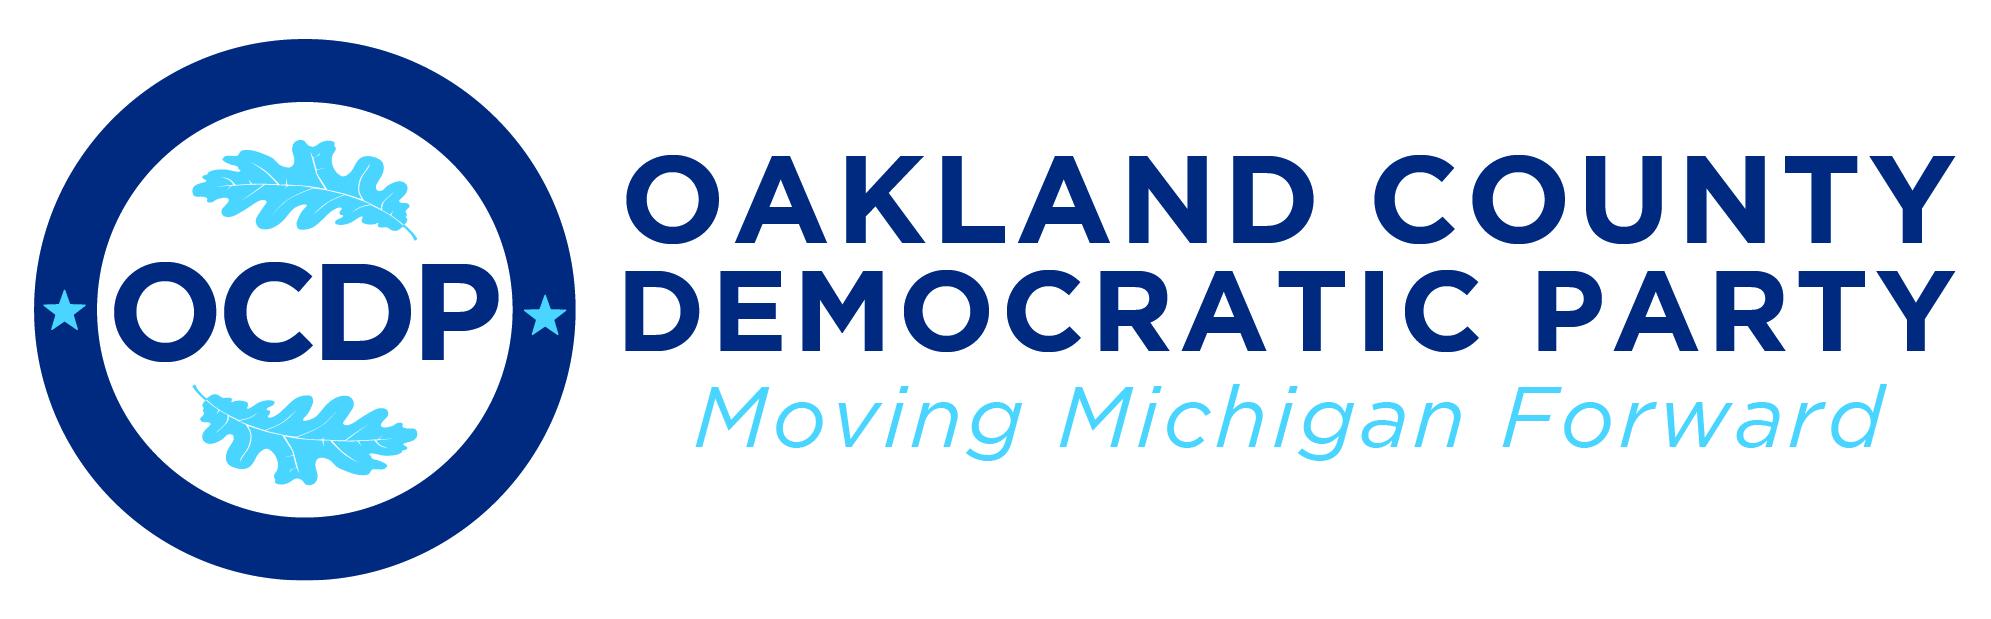 Oakland County Democratic Party (MI - Federal)